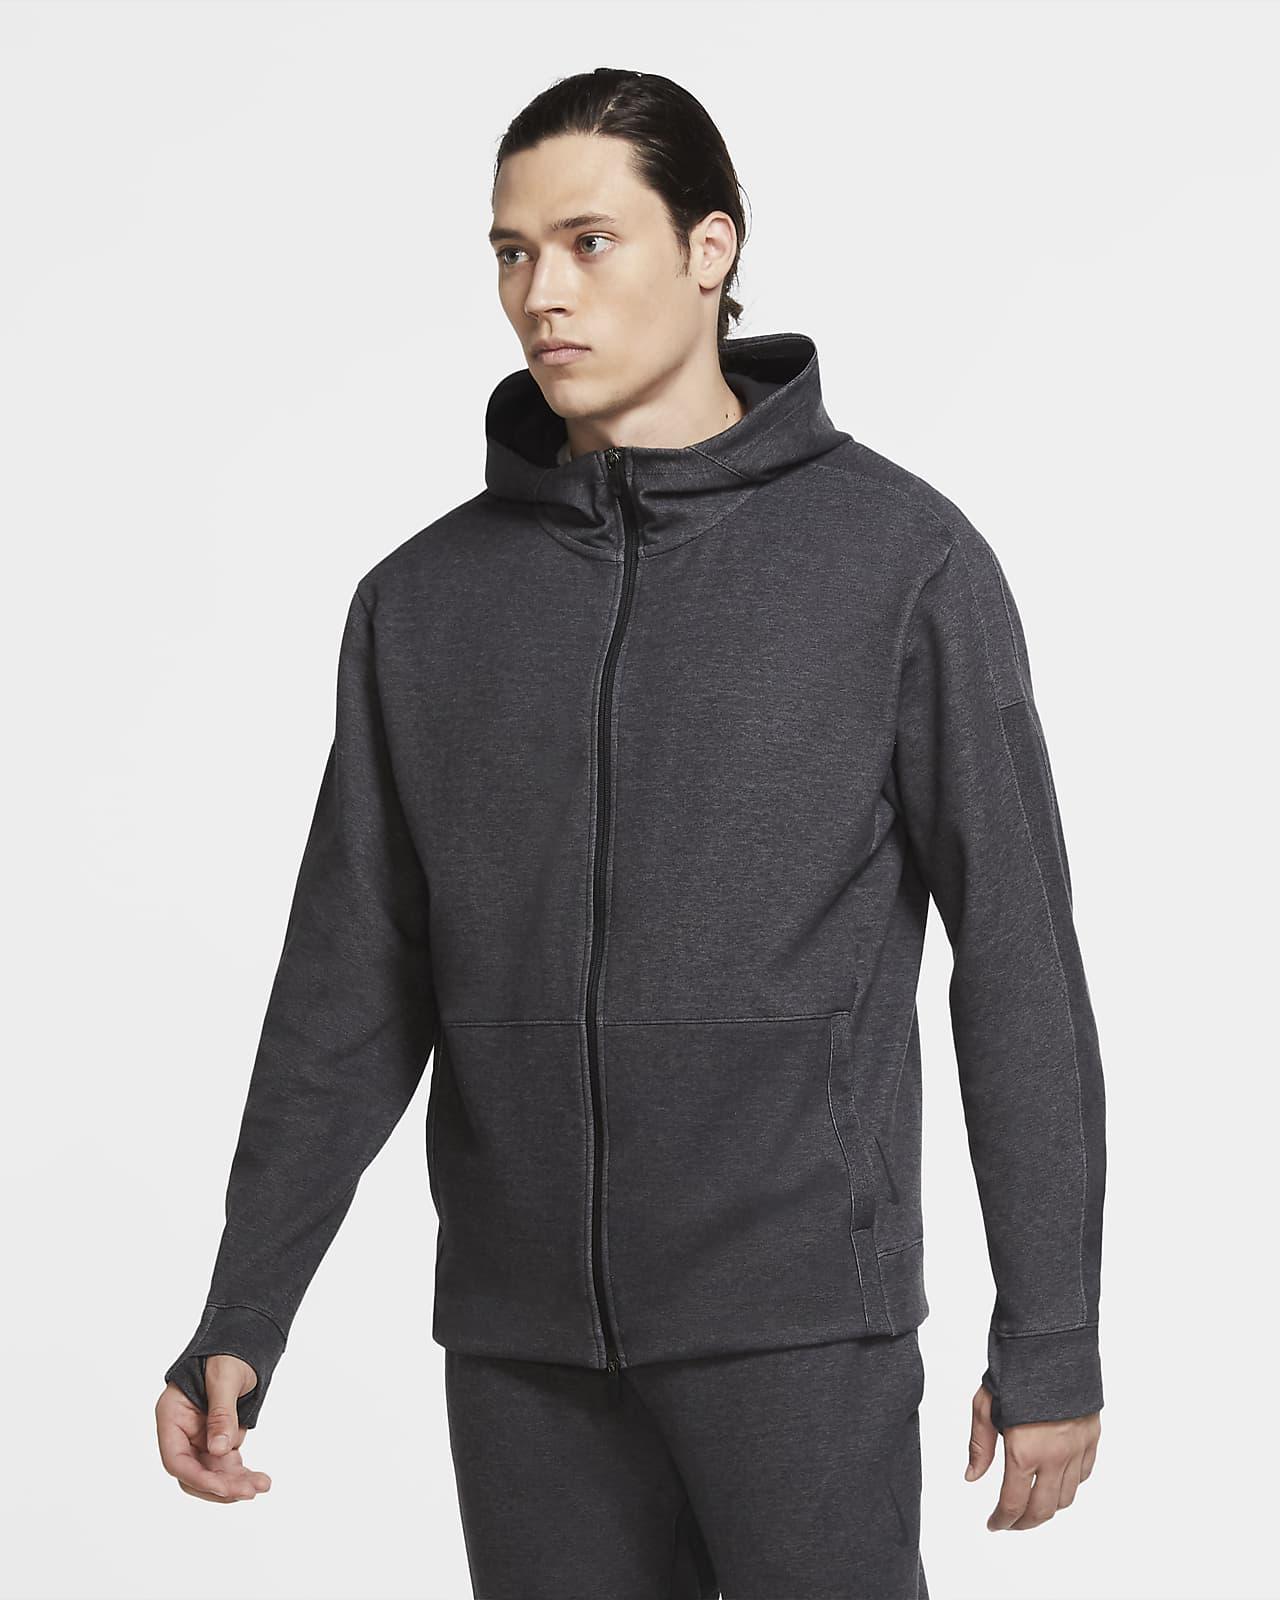 Nike Yoga Sudadera con capucha y cremallera completa - Hombre